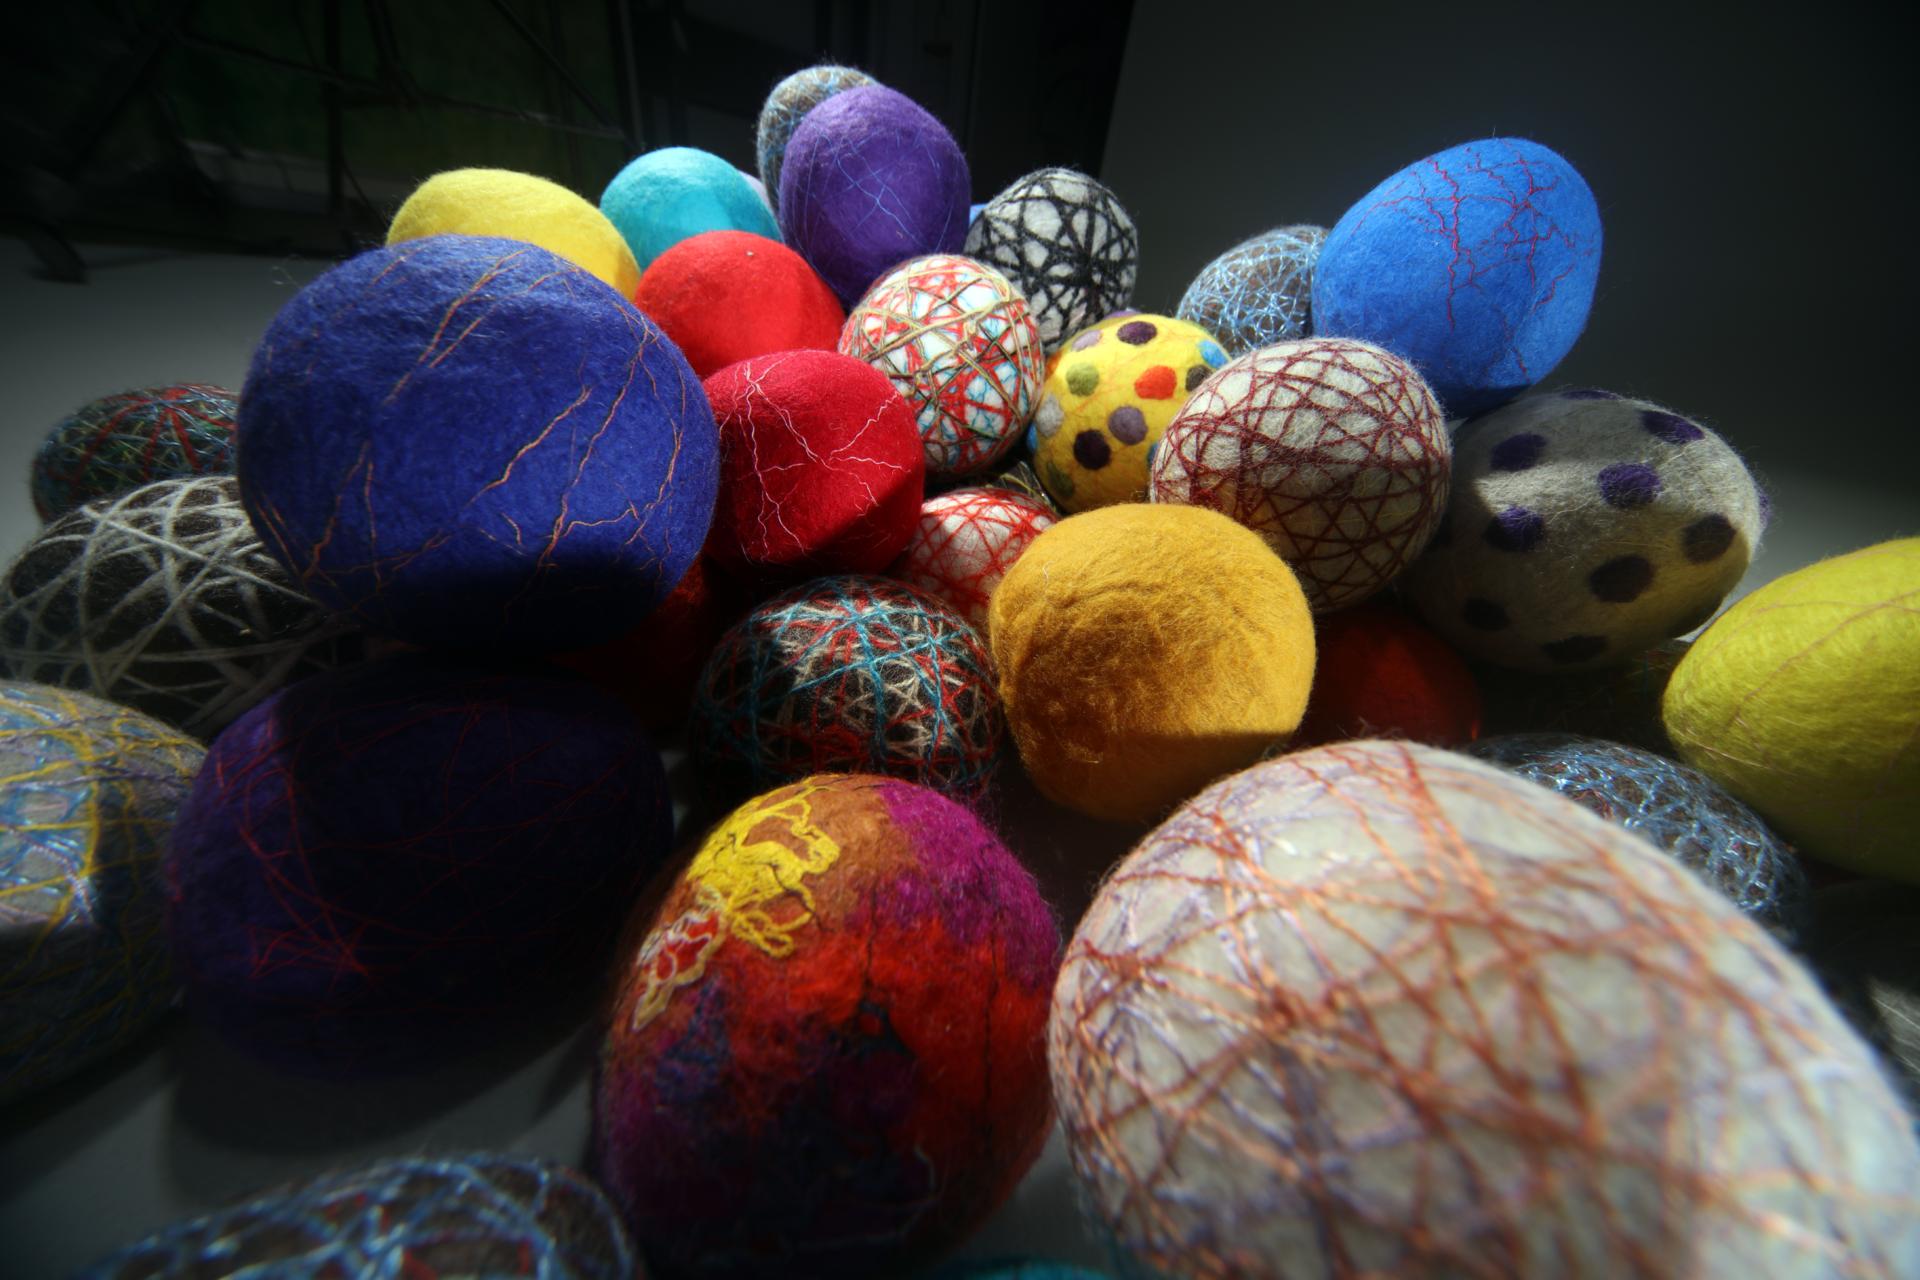 """""""산으로부터 오는 노래"""" / 산으로부터 오는 노래 / 140x100cm / 양모(wool),실(threads,yarn) / Hand-made Felt / 2020"""